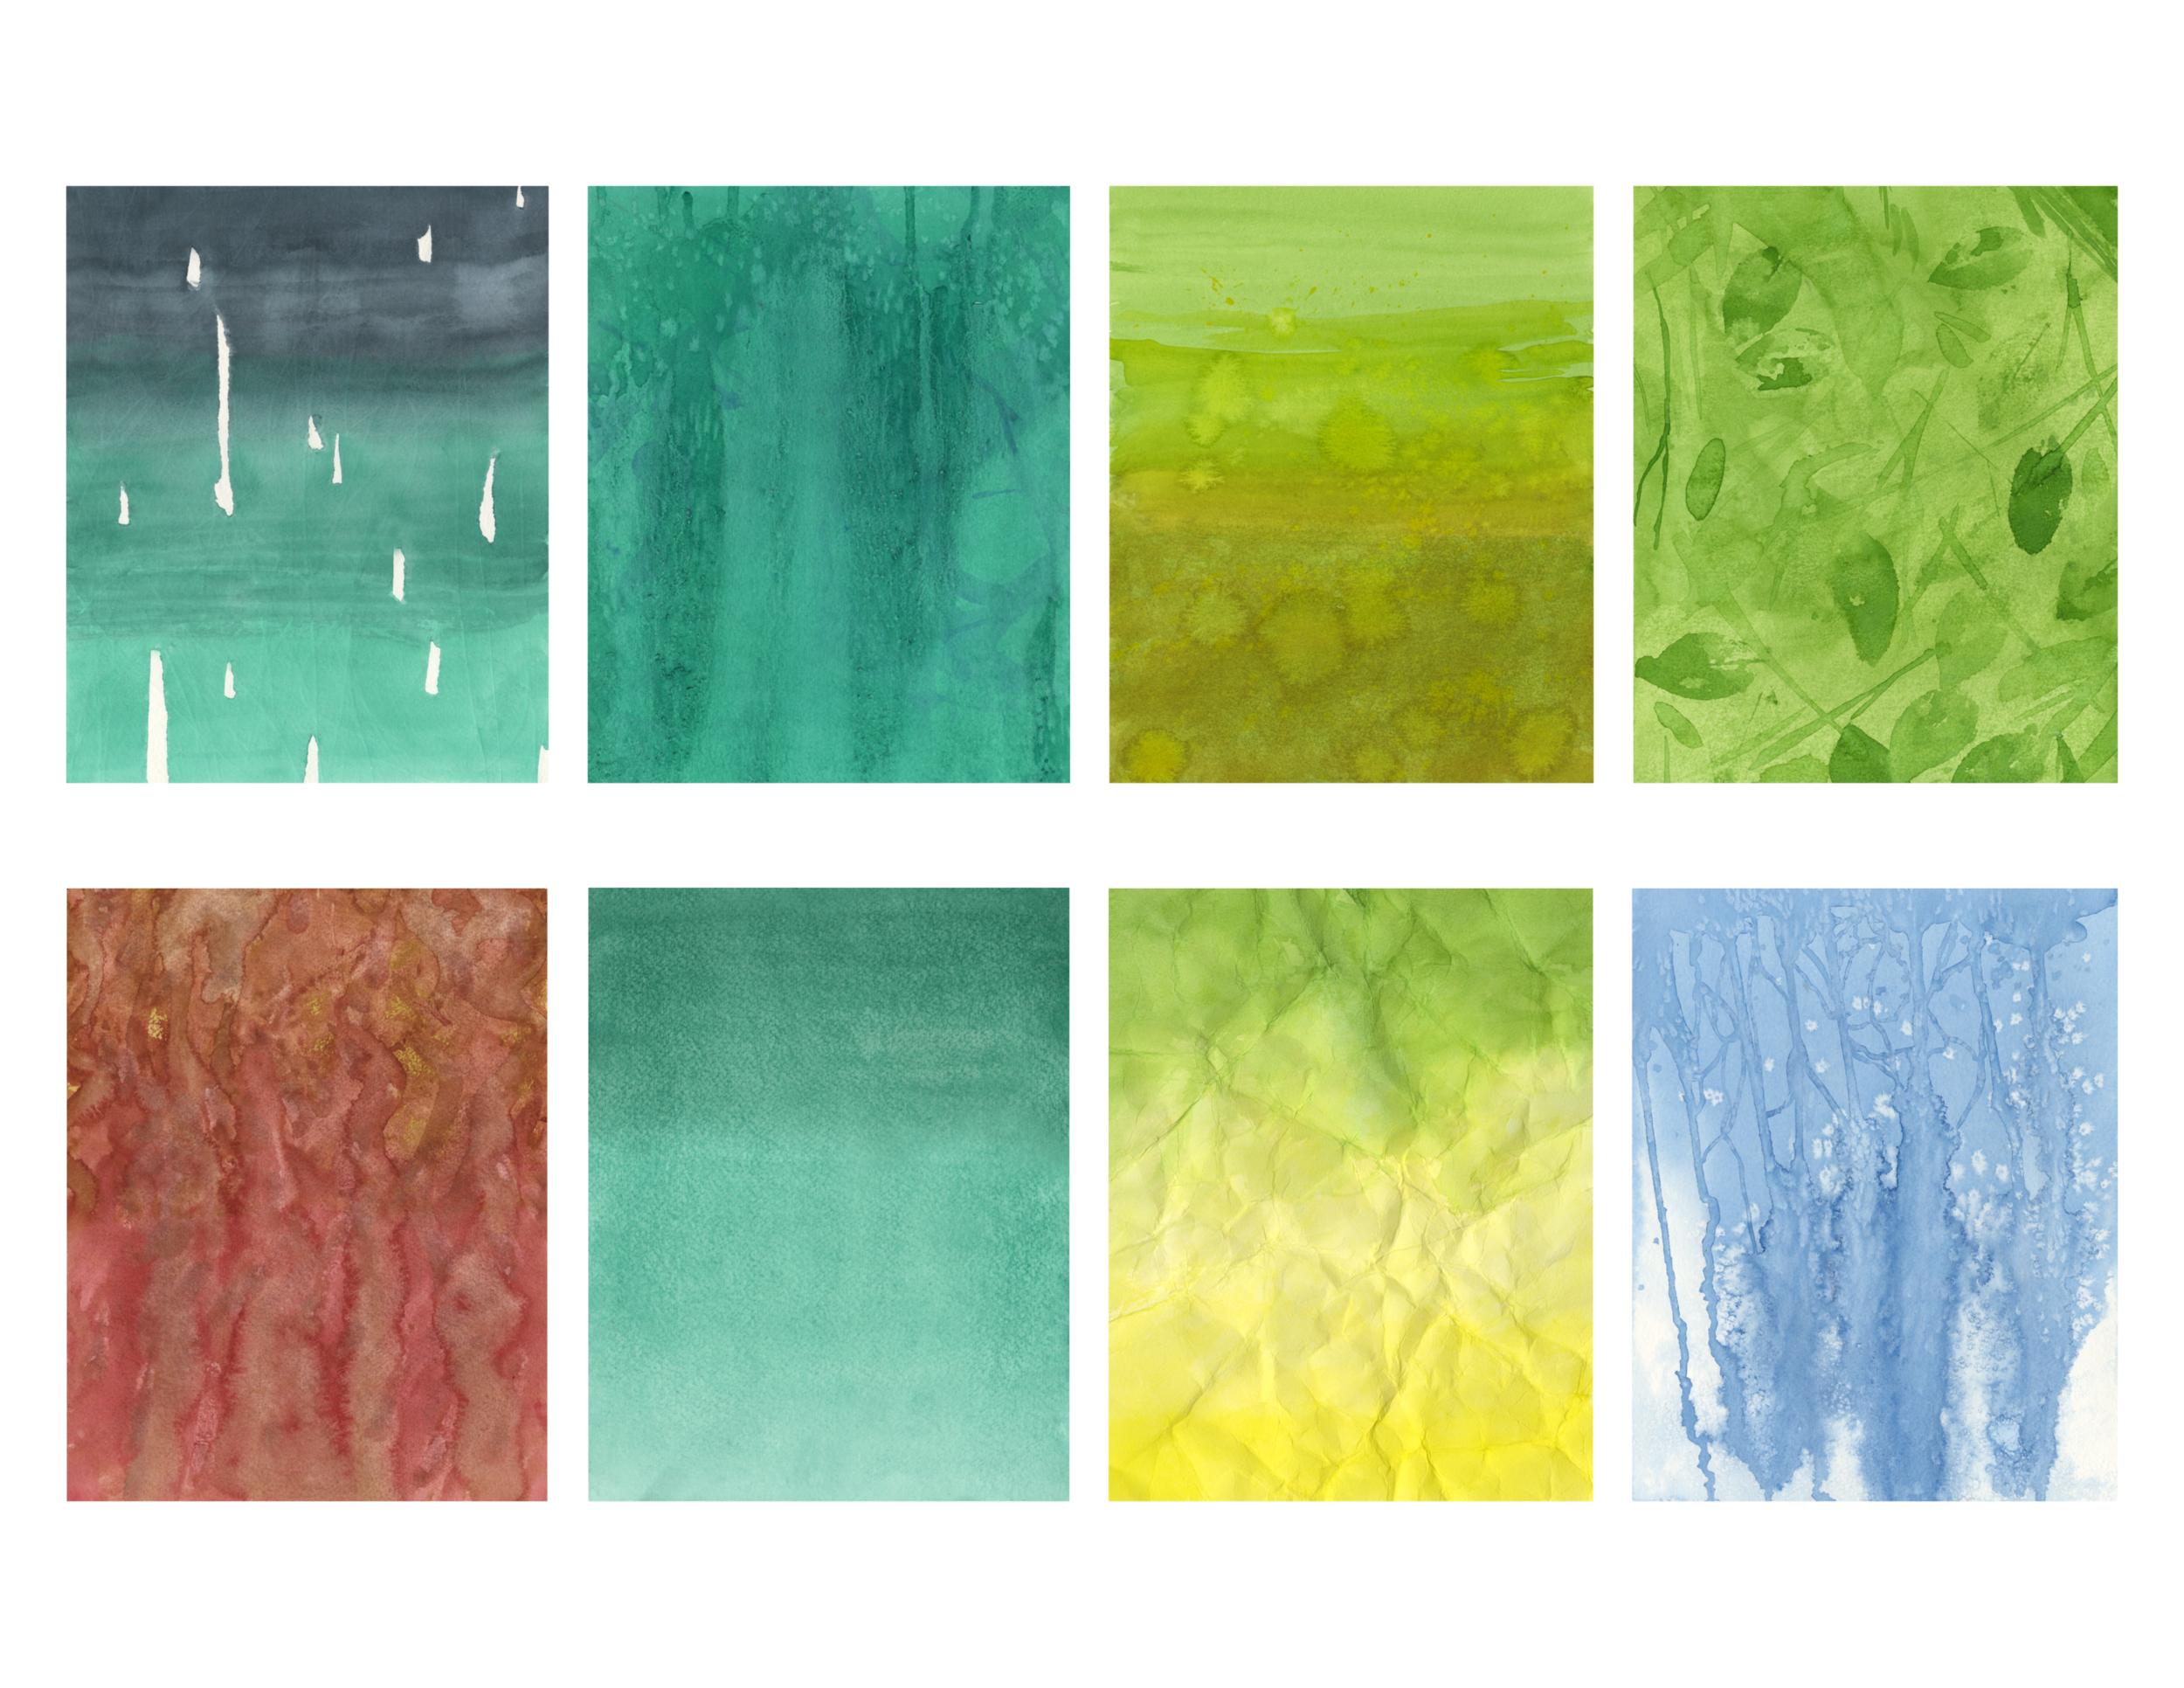 Watercolor Study II, 2015